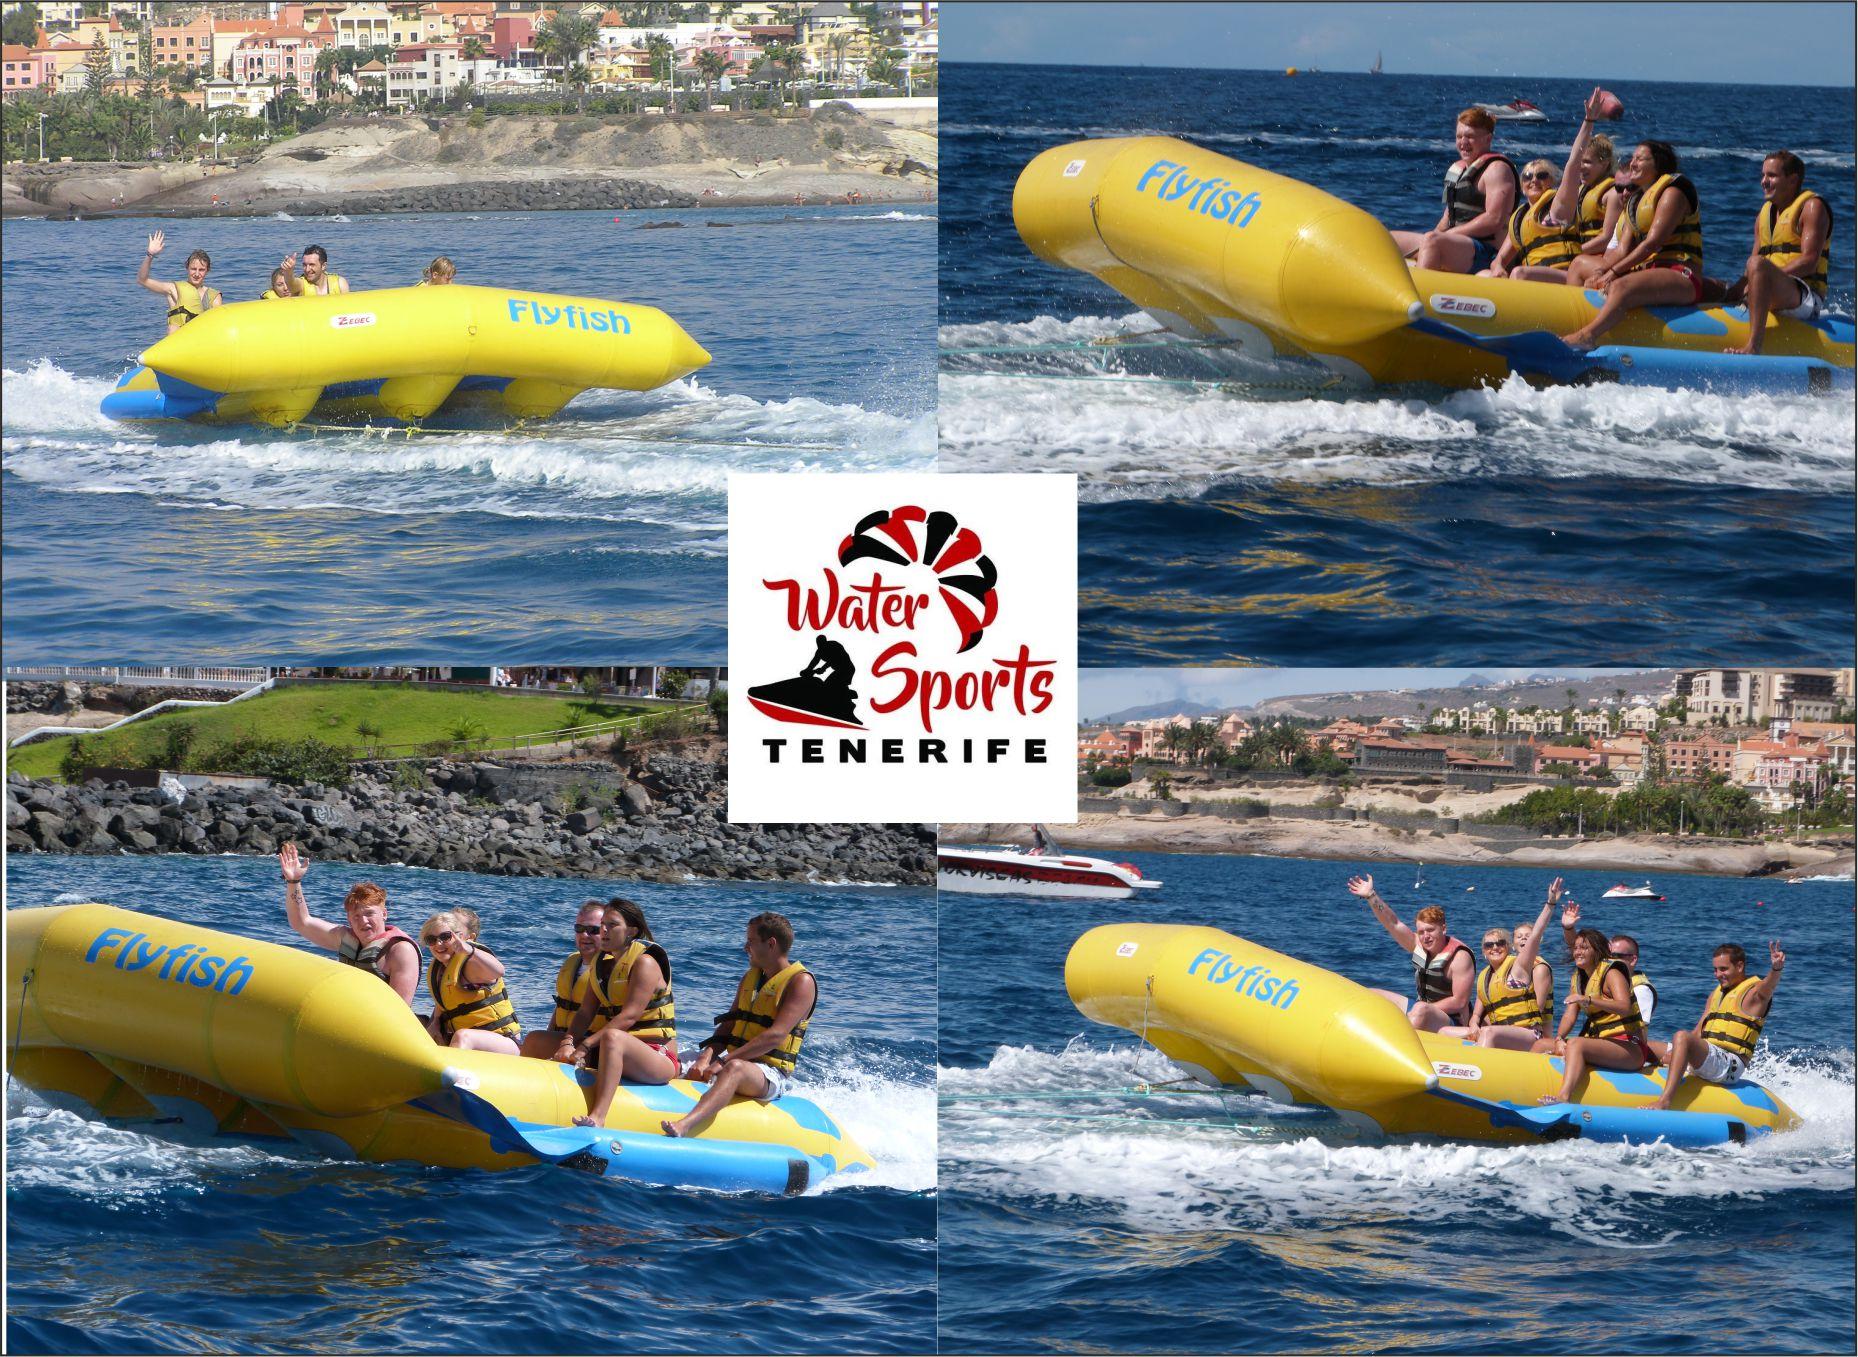 water sports tenerife islas canarias watersport en los cristianos las americas